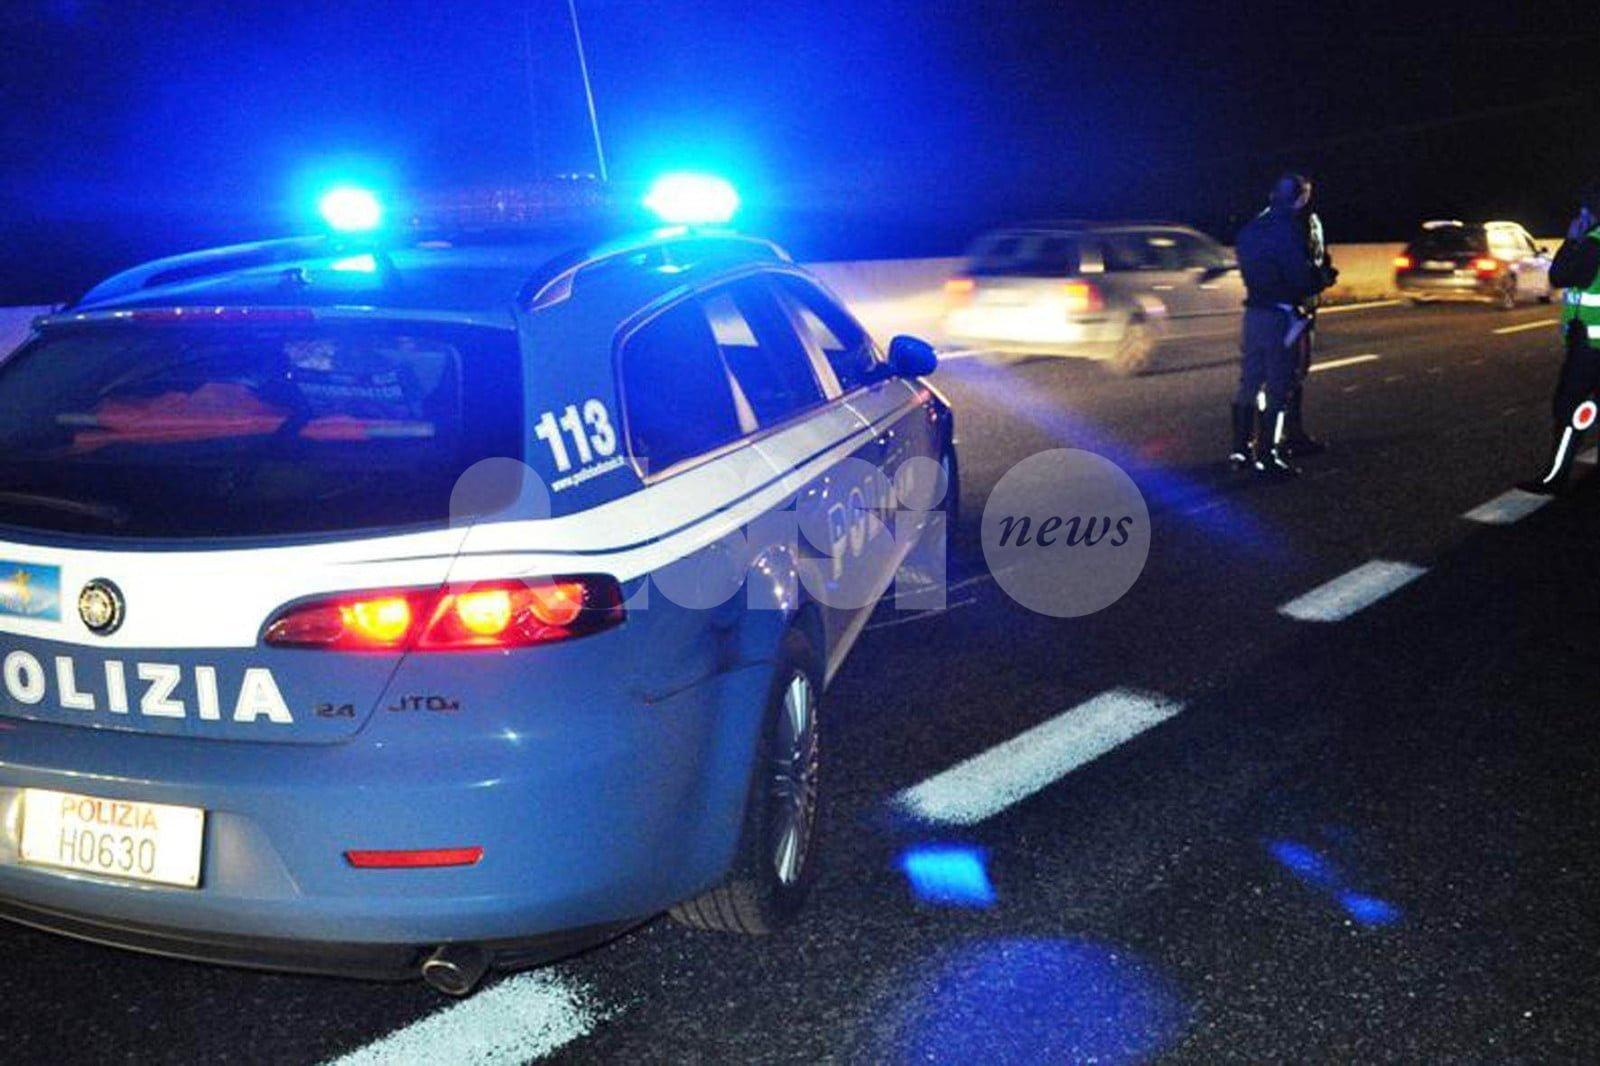 Guida di notte ubriaco e senza patente: denunciato dopo inseguimento